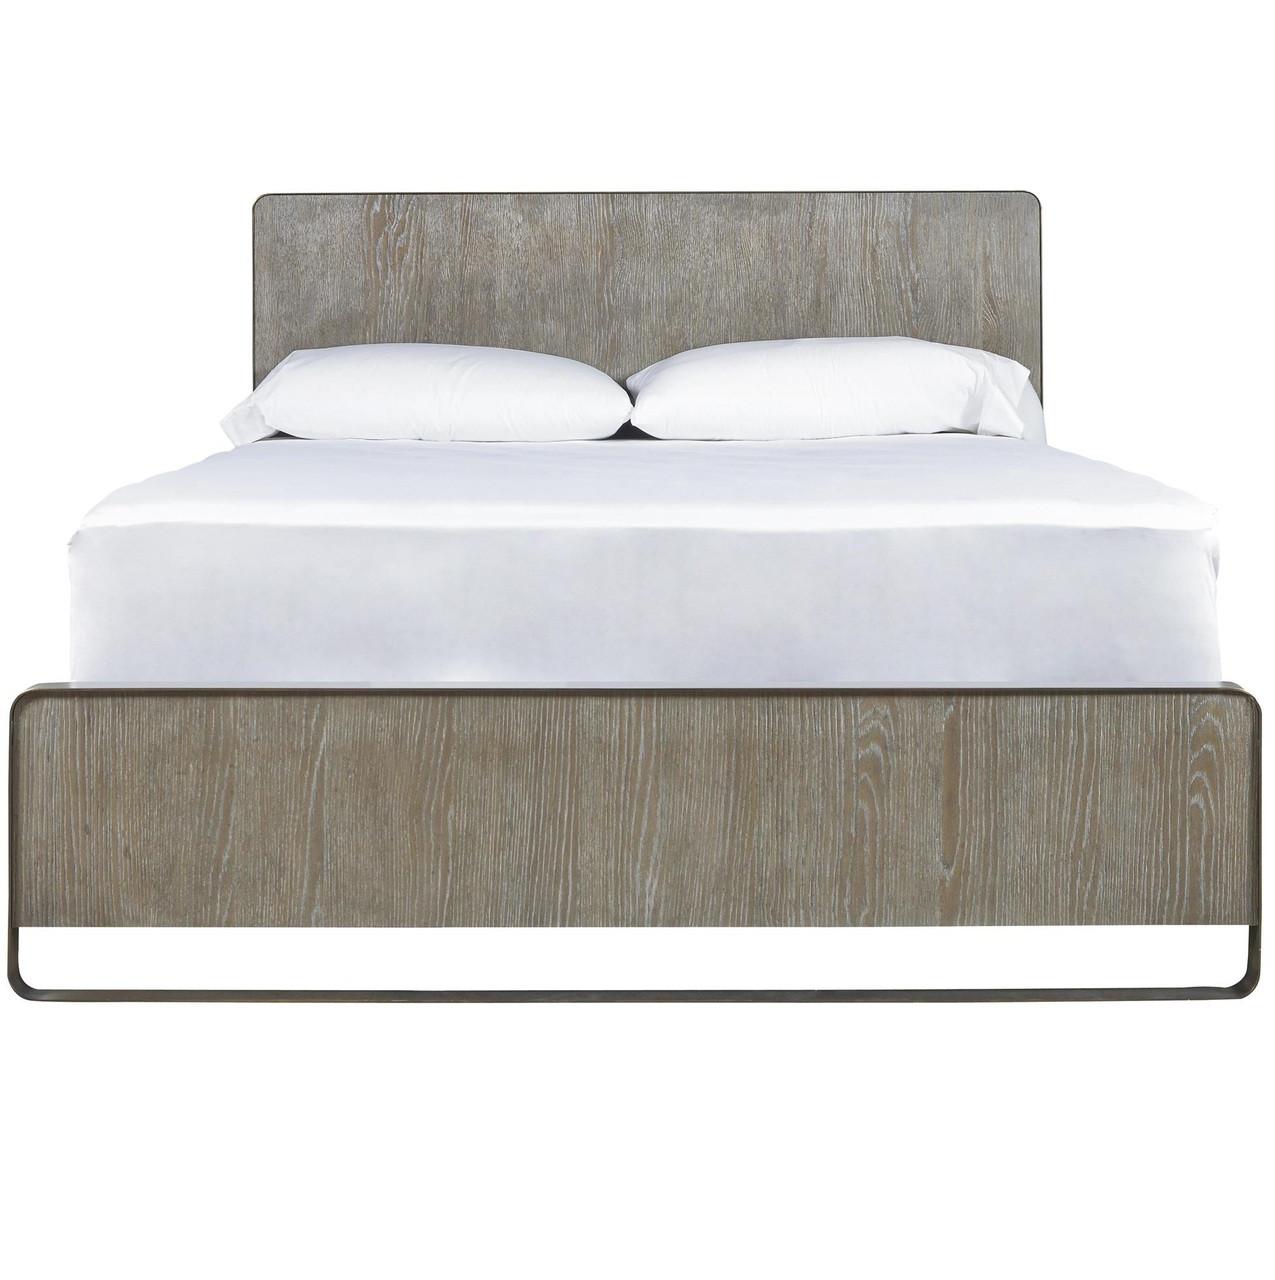 metal platform bed frame. Wilshire Modern Oak Wood And Metal King Platform Bed Frames Frame O